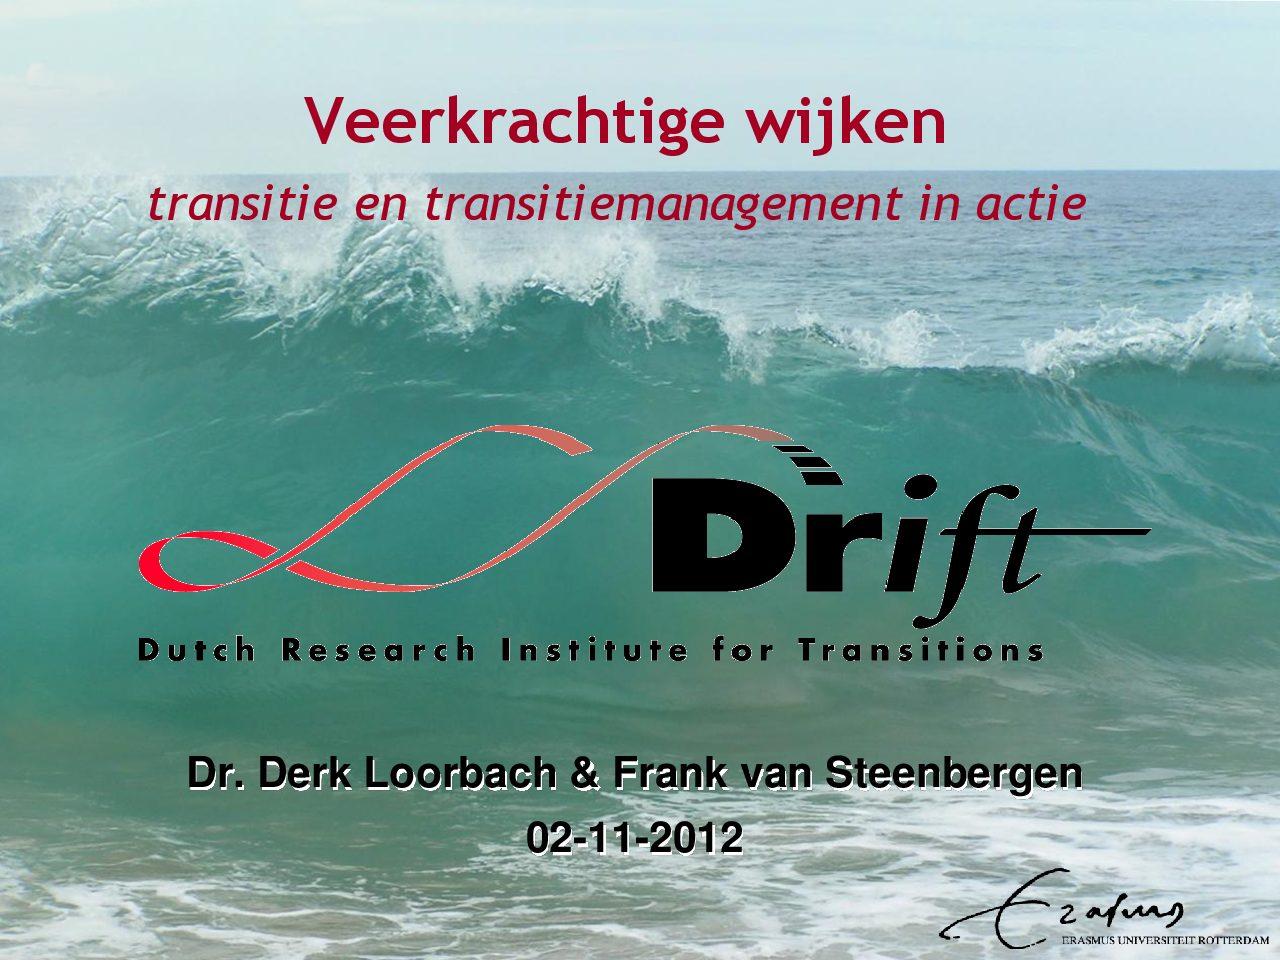 Veerkrachtige wijken: transitie en transitiemanagement in actie